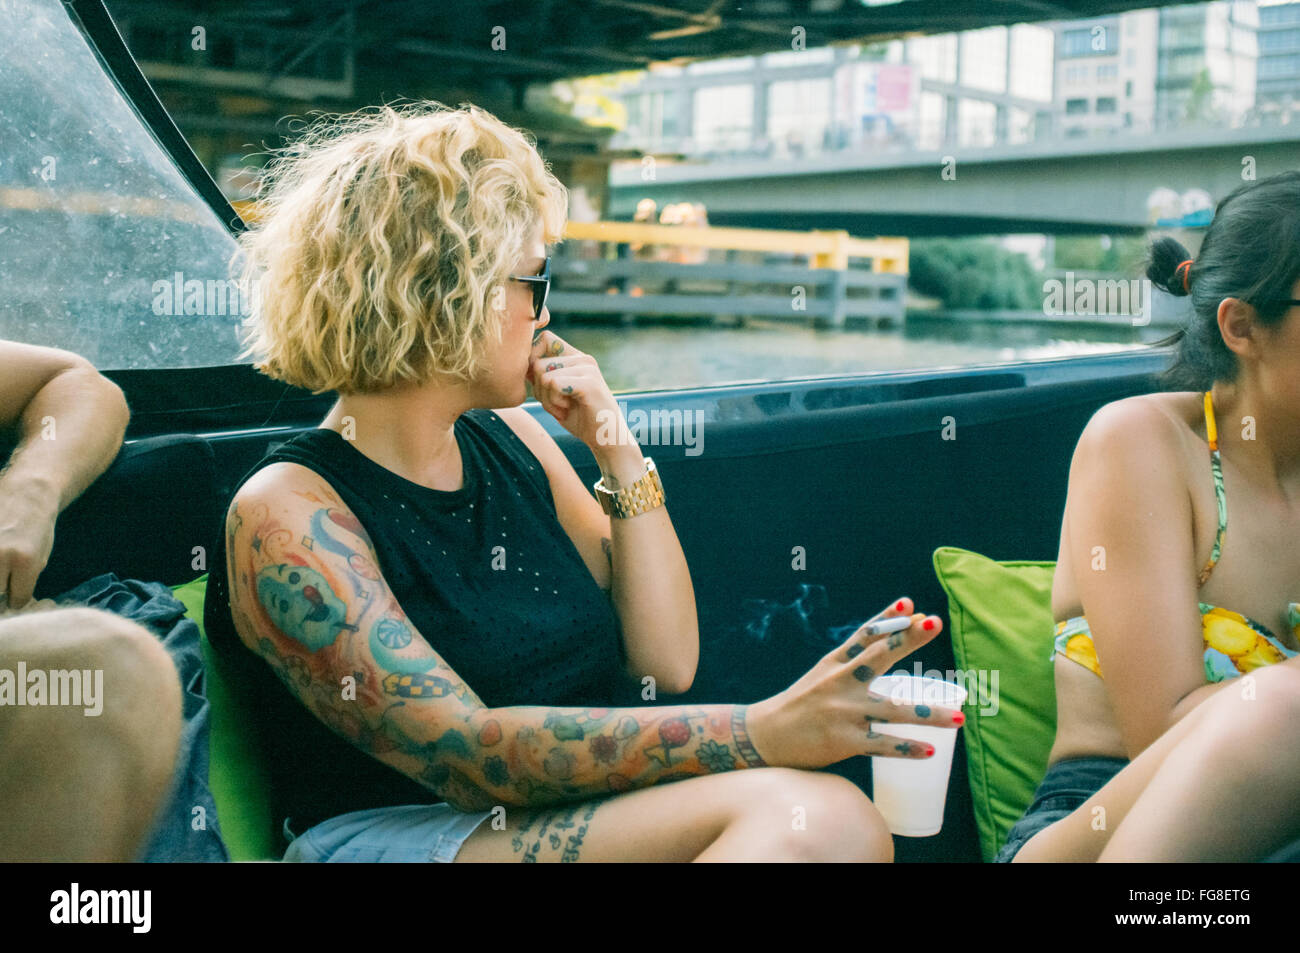 Mujeres sentadas y disfrutando en barco en el río Imagen De Stock